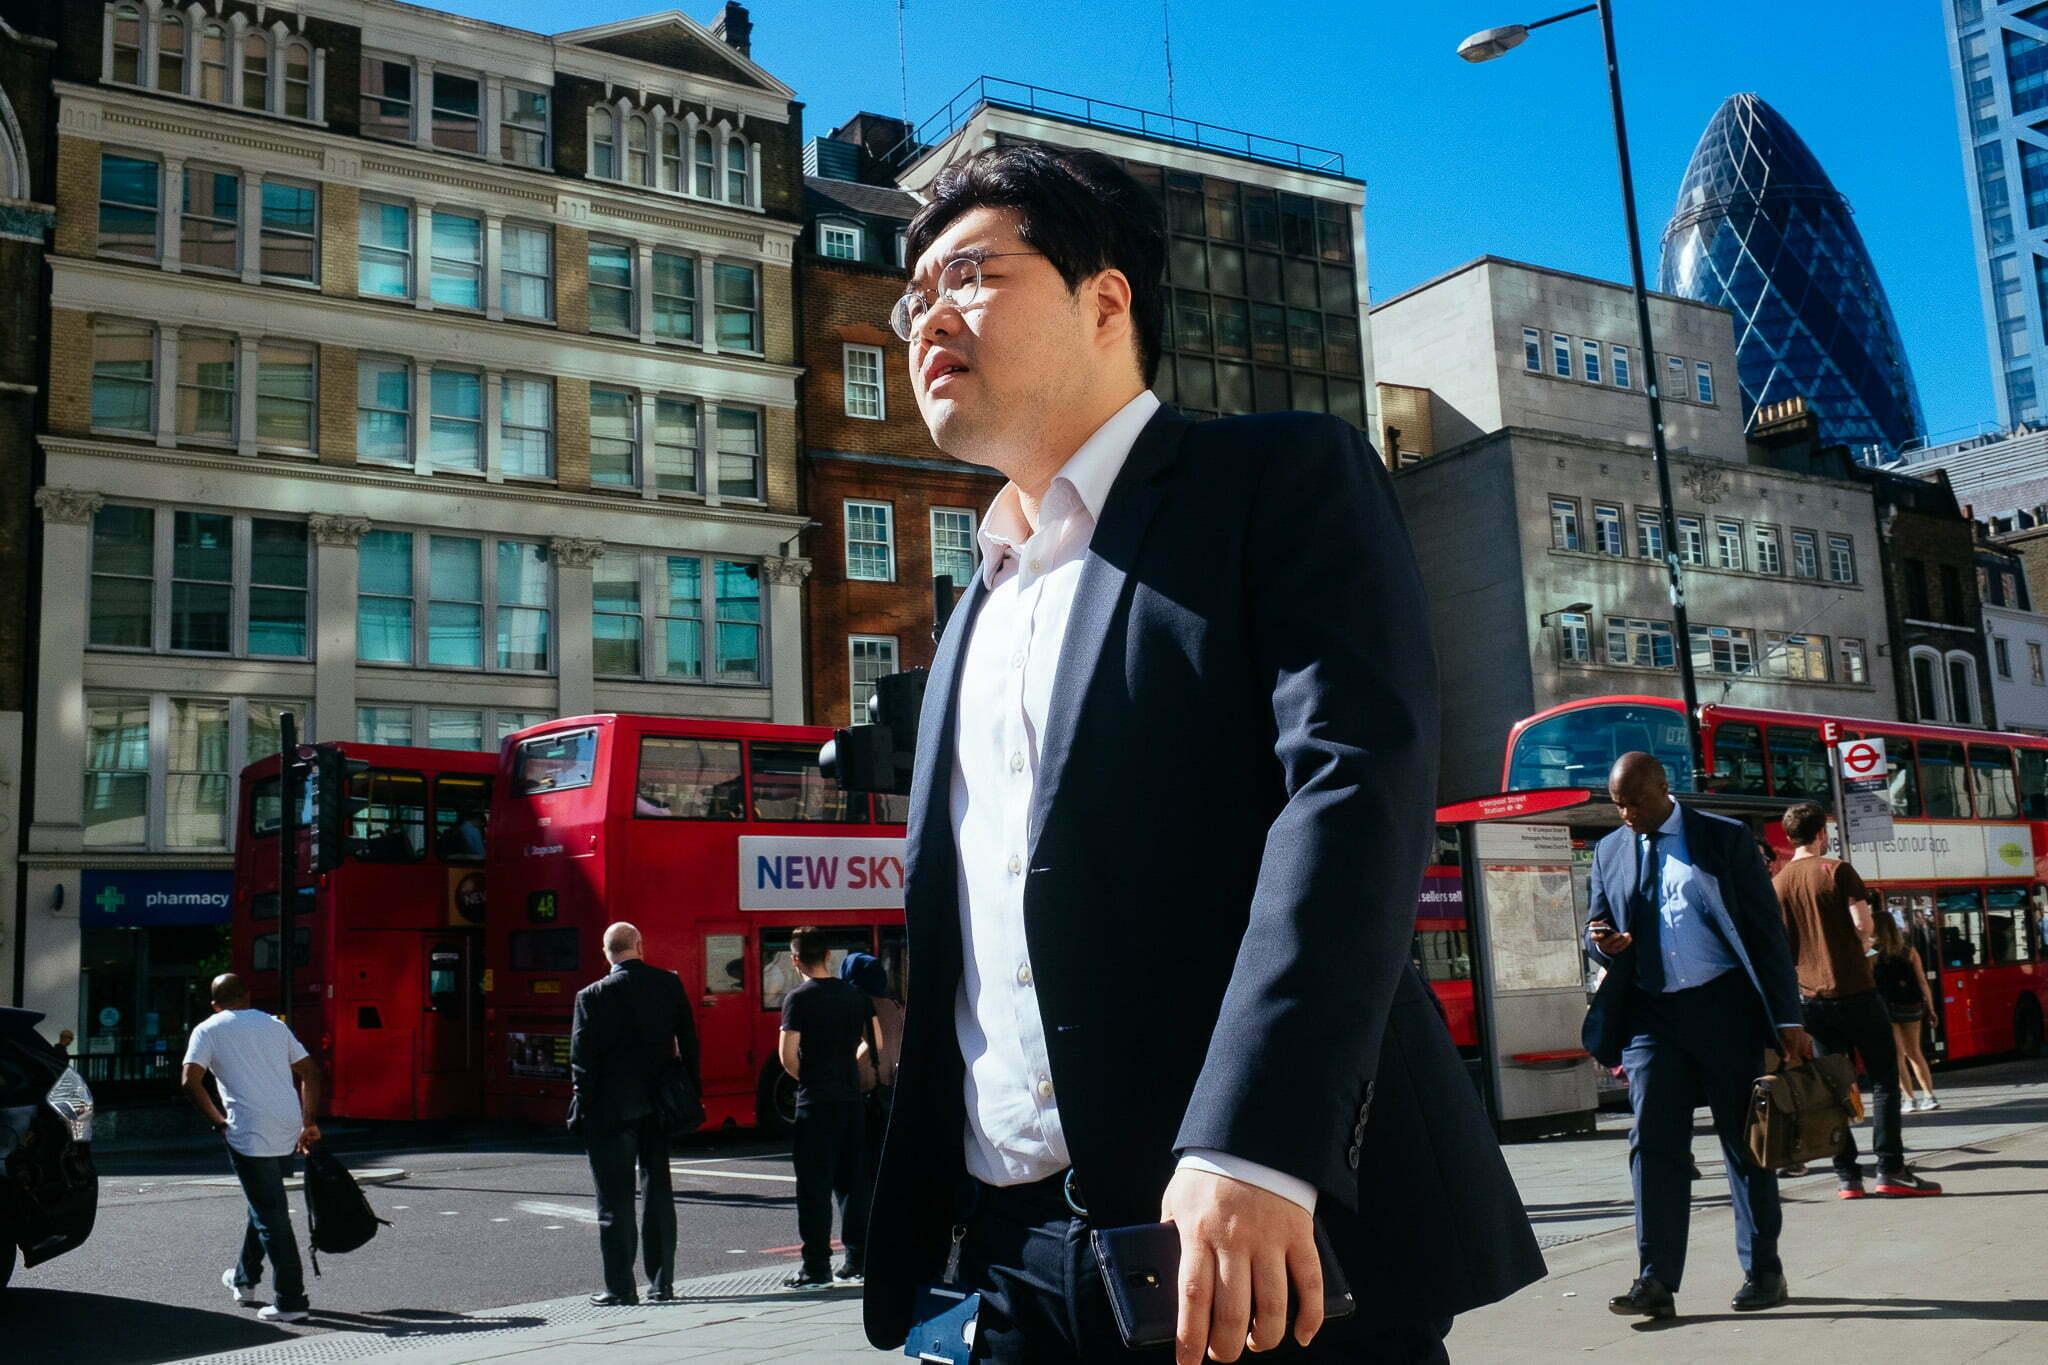 london-street-6794